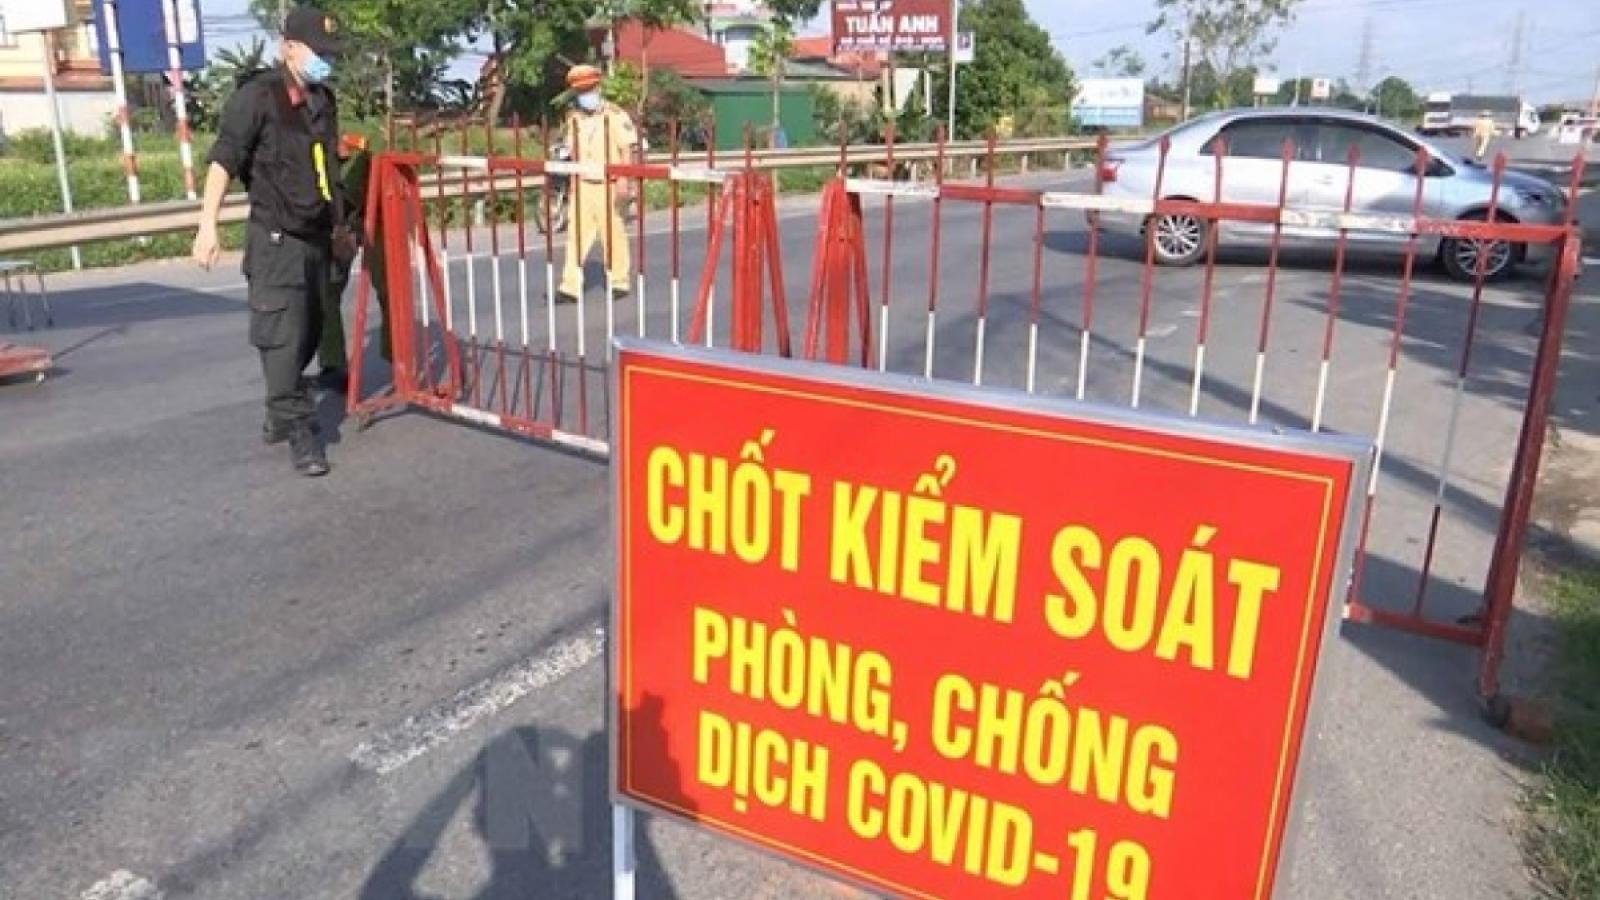 8 nhiệm vụ cấp bách phòng, chống dịch Covid-19 của Thành ủy Hà Nội